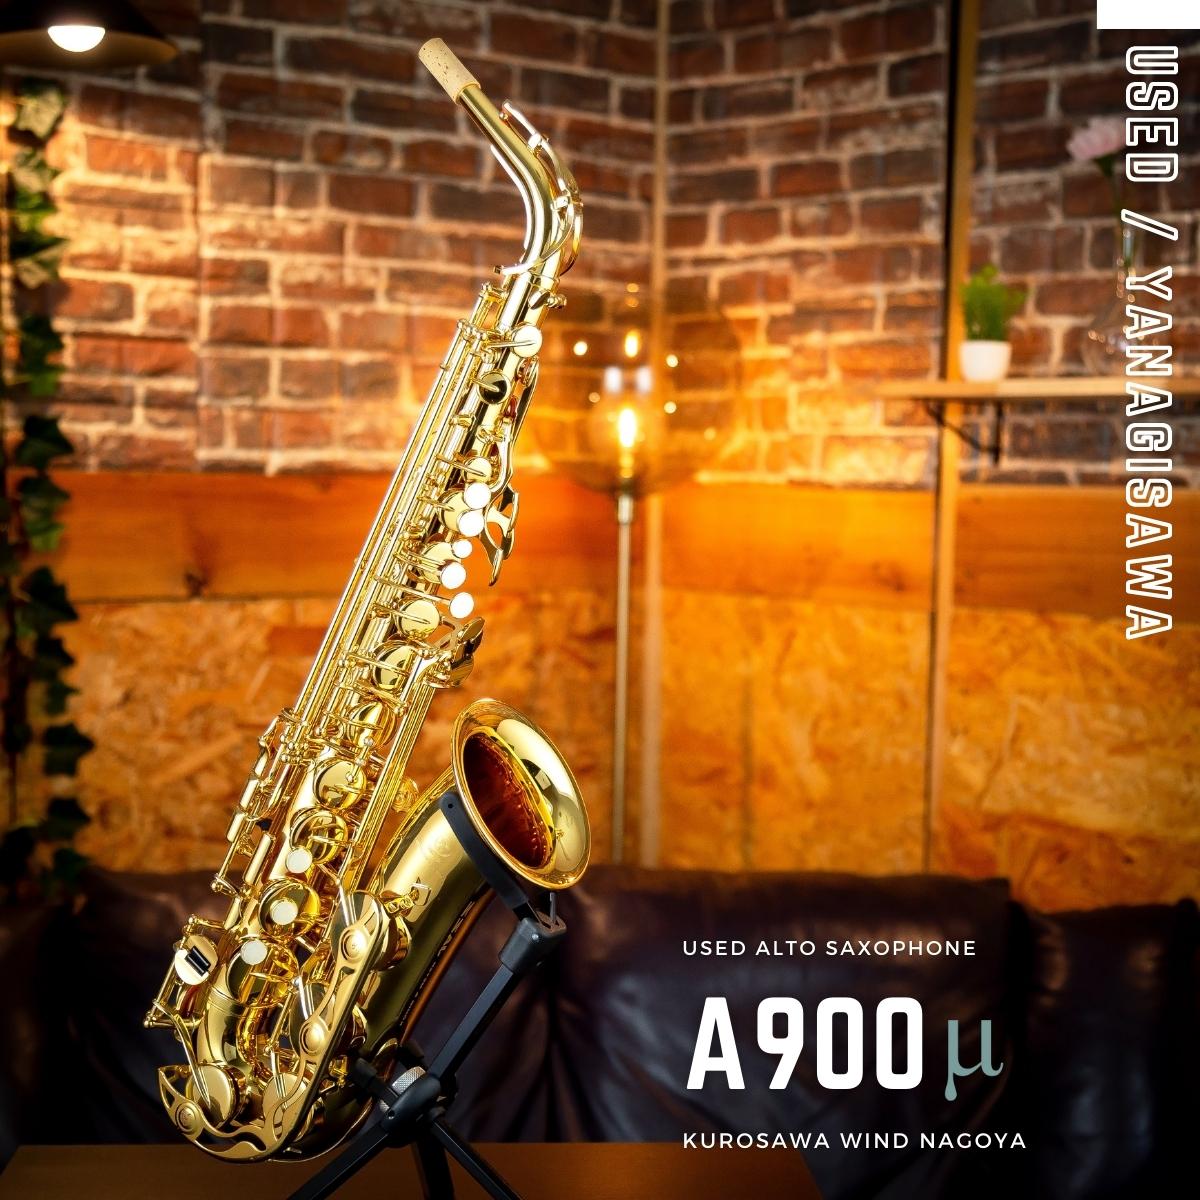 正規店 YANAGISAWA A900μ S N 201 USED 中古 送料無料 Nagoya 出荷 管楽器専門店 Wind ヤナギサワ